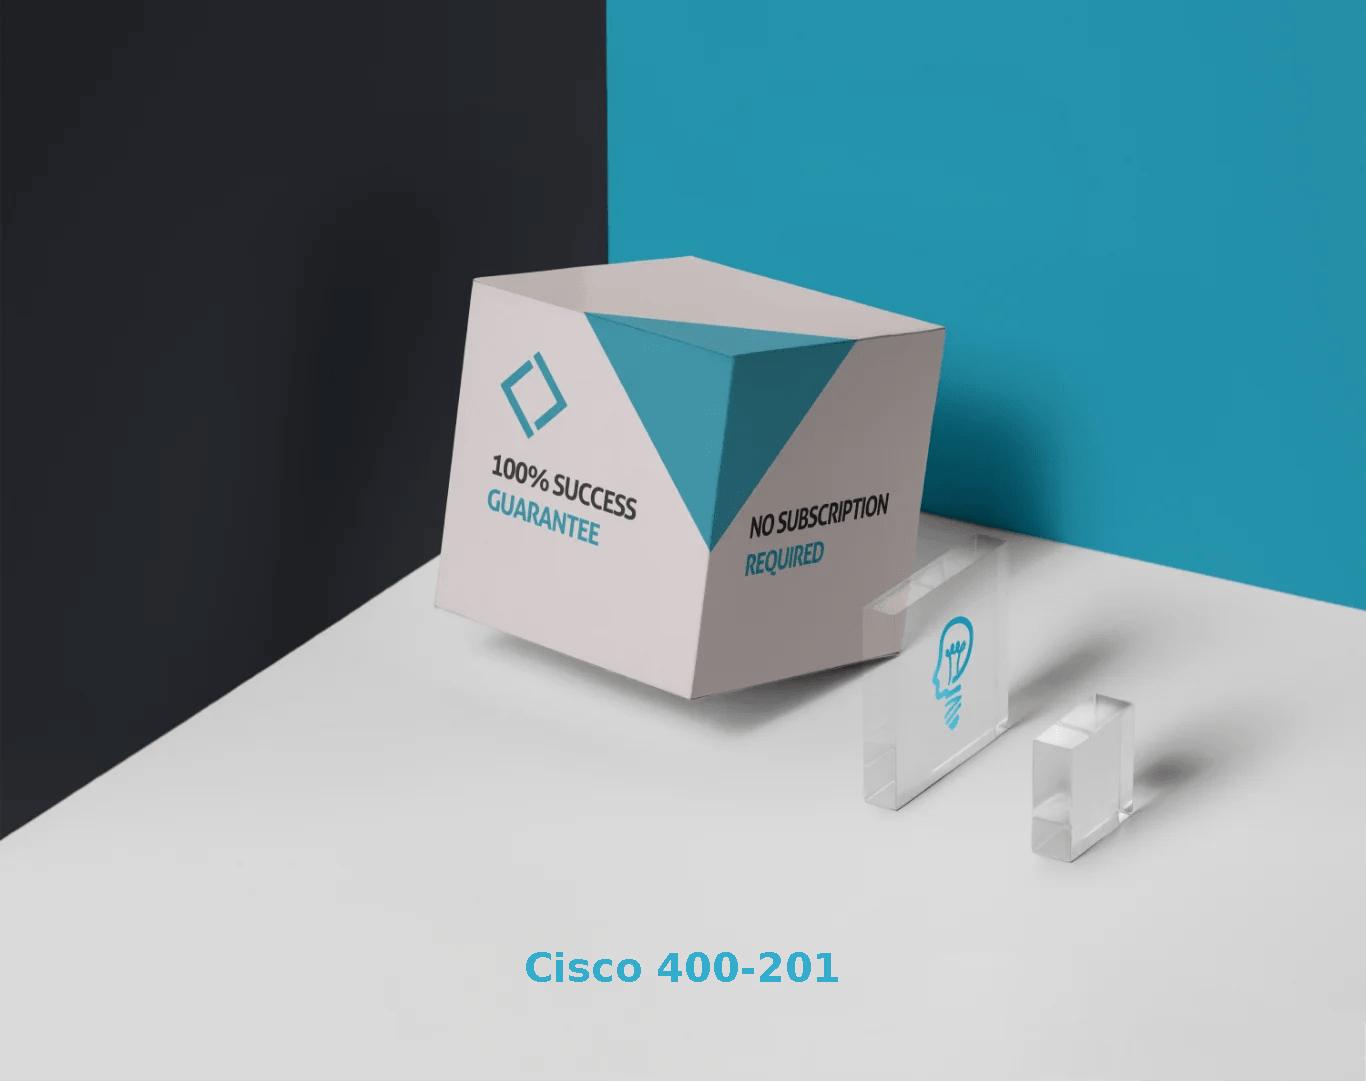 Cisco 400-201 Exams